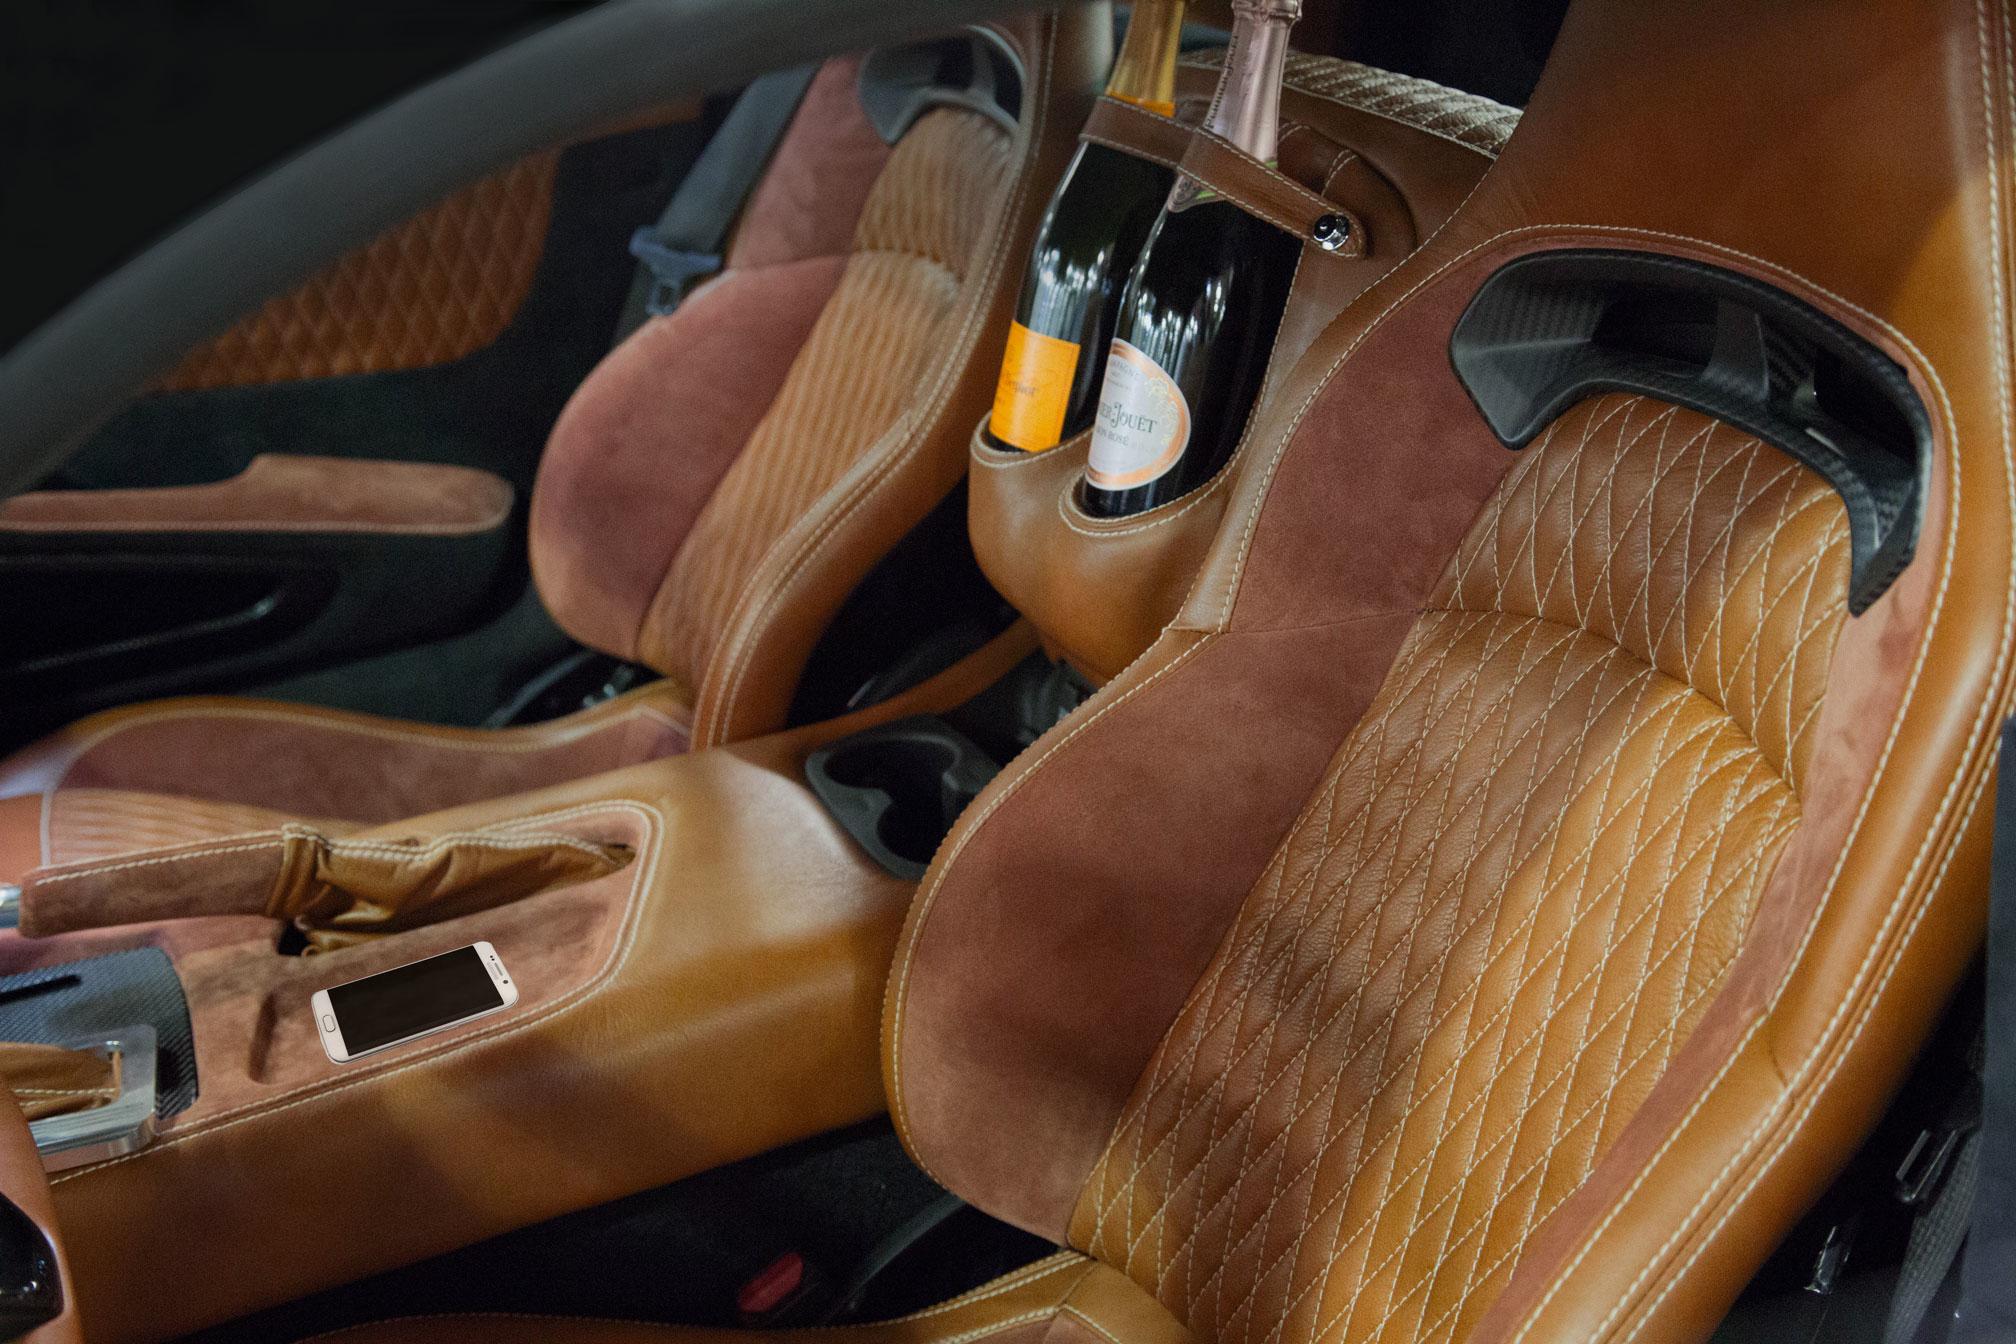 Fisker VLF Force1 Innenraum Champagner Sitze Sitzbezüge Armaturen Mittelkonsole